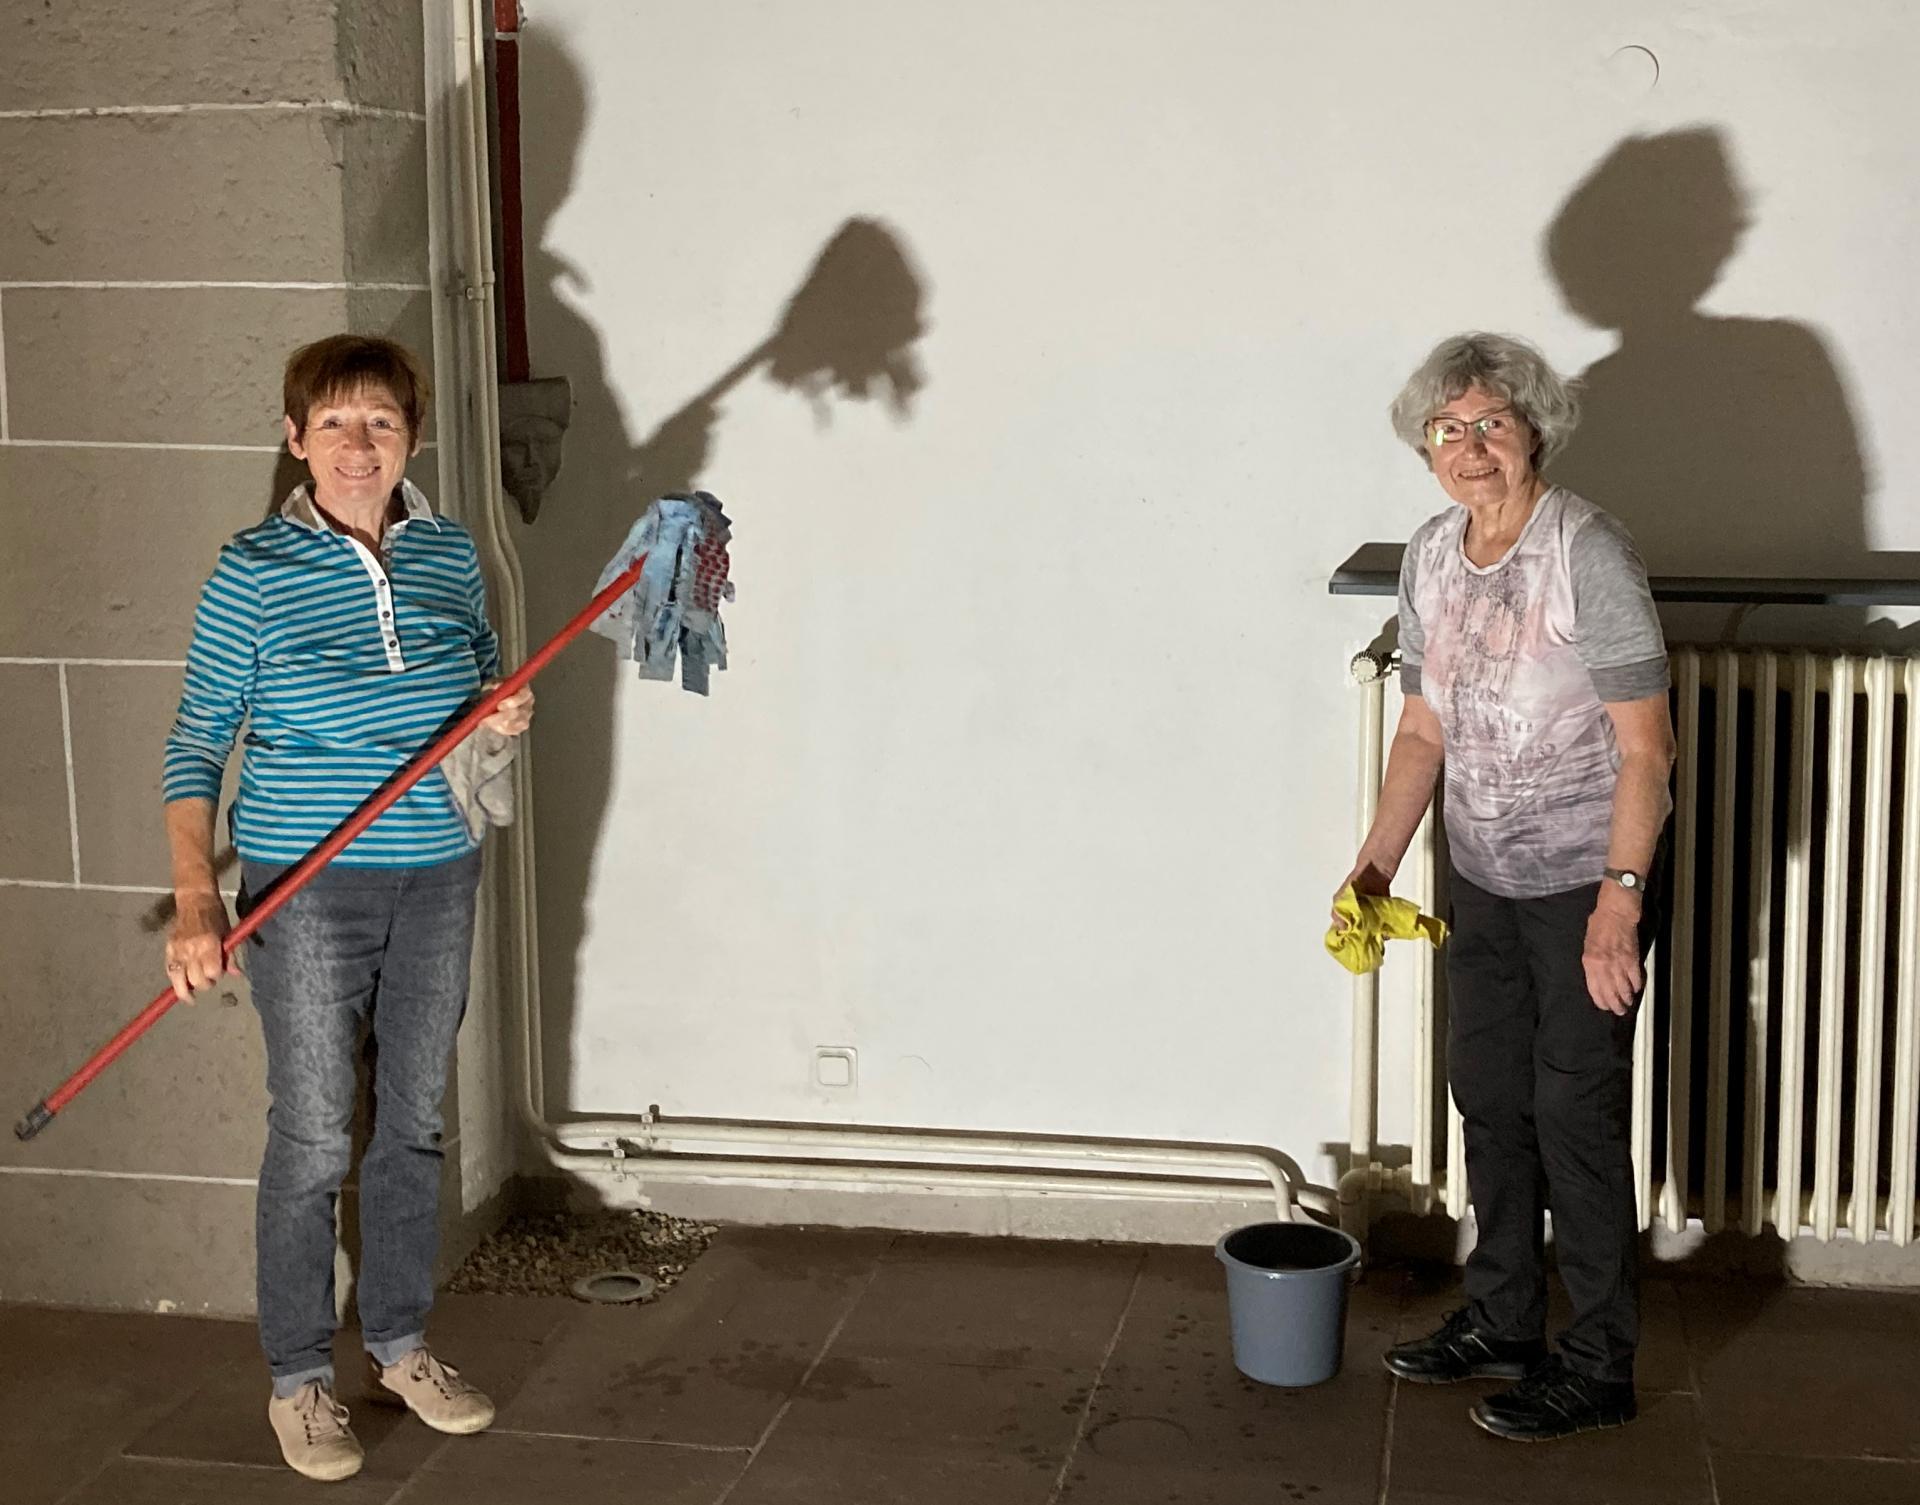 Schattenbilder der beiden Damen Borchardt & Samse